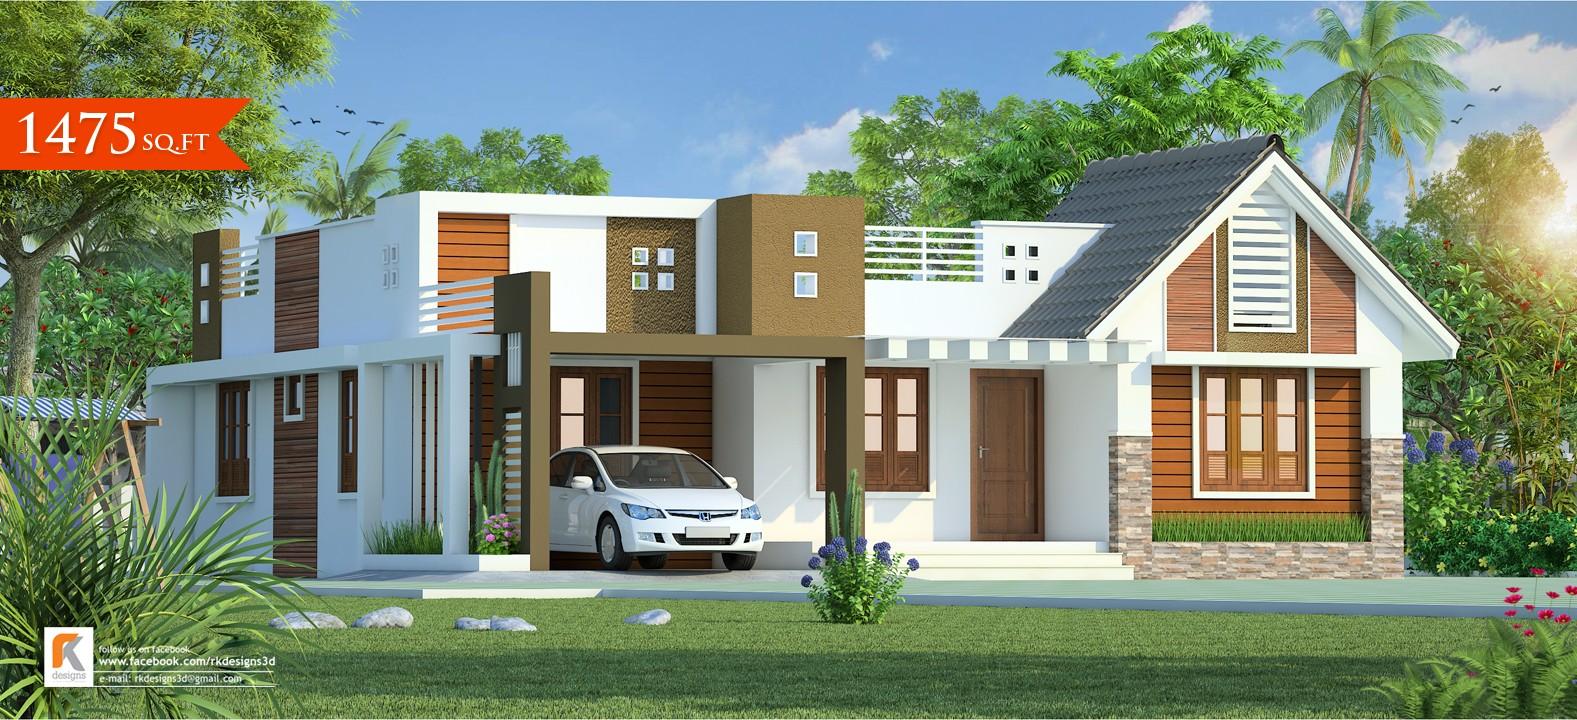 1475 Square Feet Single Floor Contemporary Home Design